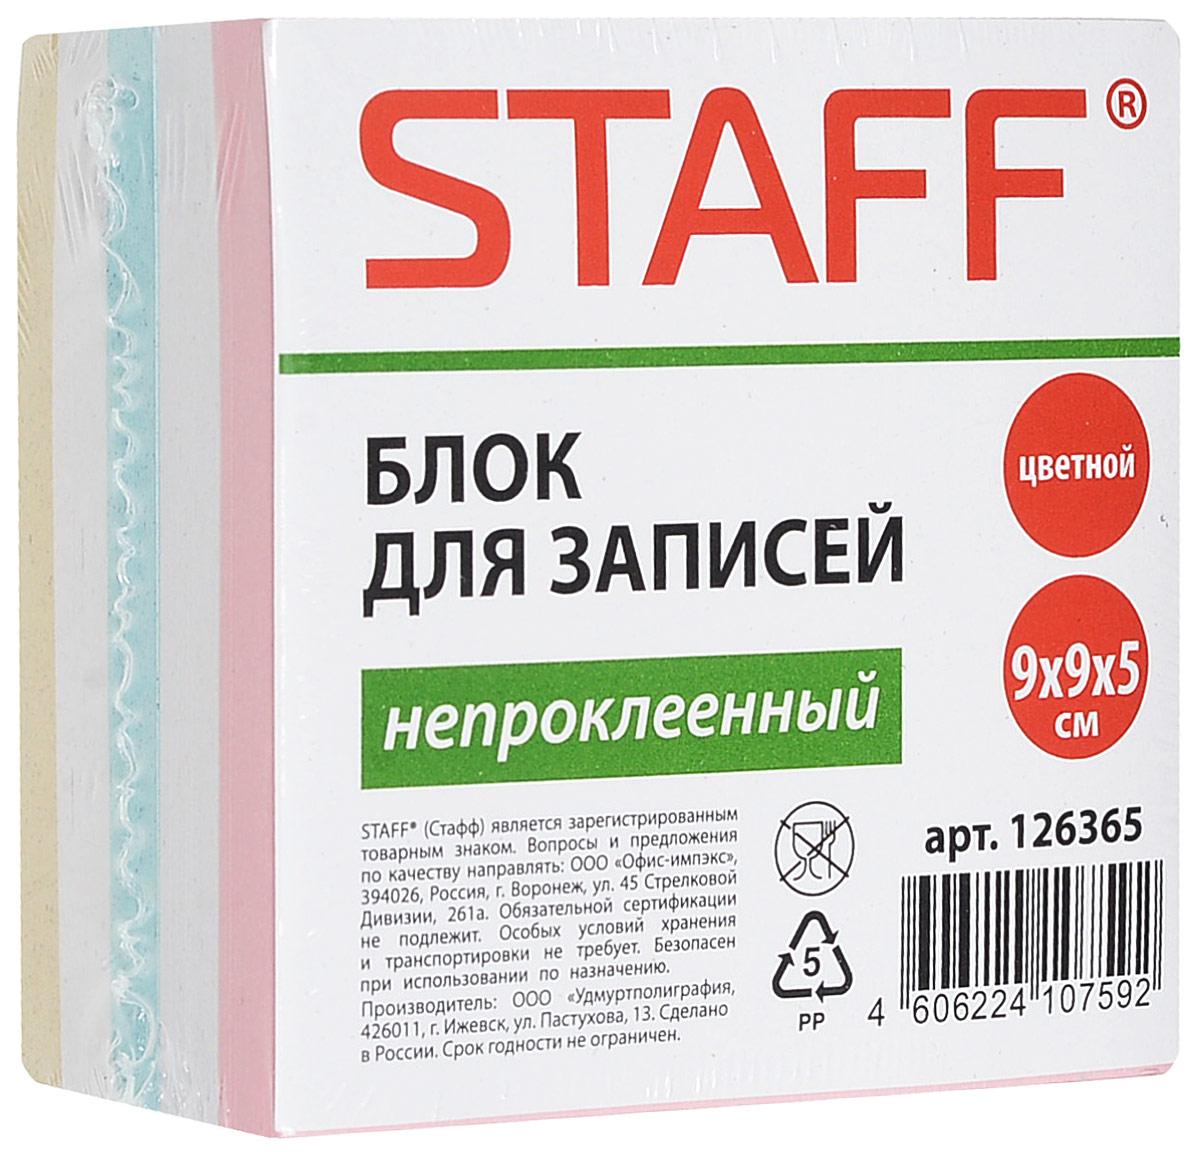 Staff Бумага для заметок 9 х 9 см 500 листов цвет мультиколор126365Бумага для заметок Staff непременно привлечет к себе внимание.Бумага состоит из 500 разноцветных листочков, которые удобны для заметок, объявлений и других коротких сообщений. Сменные блоки бумаги предназначены для использования в пластиковых подставках и настольных органайзерах.